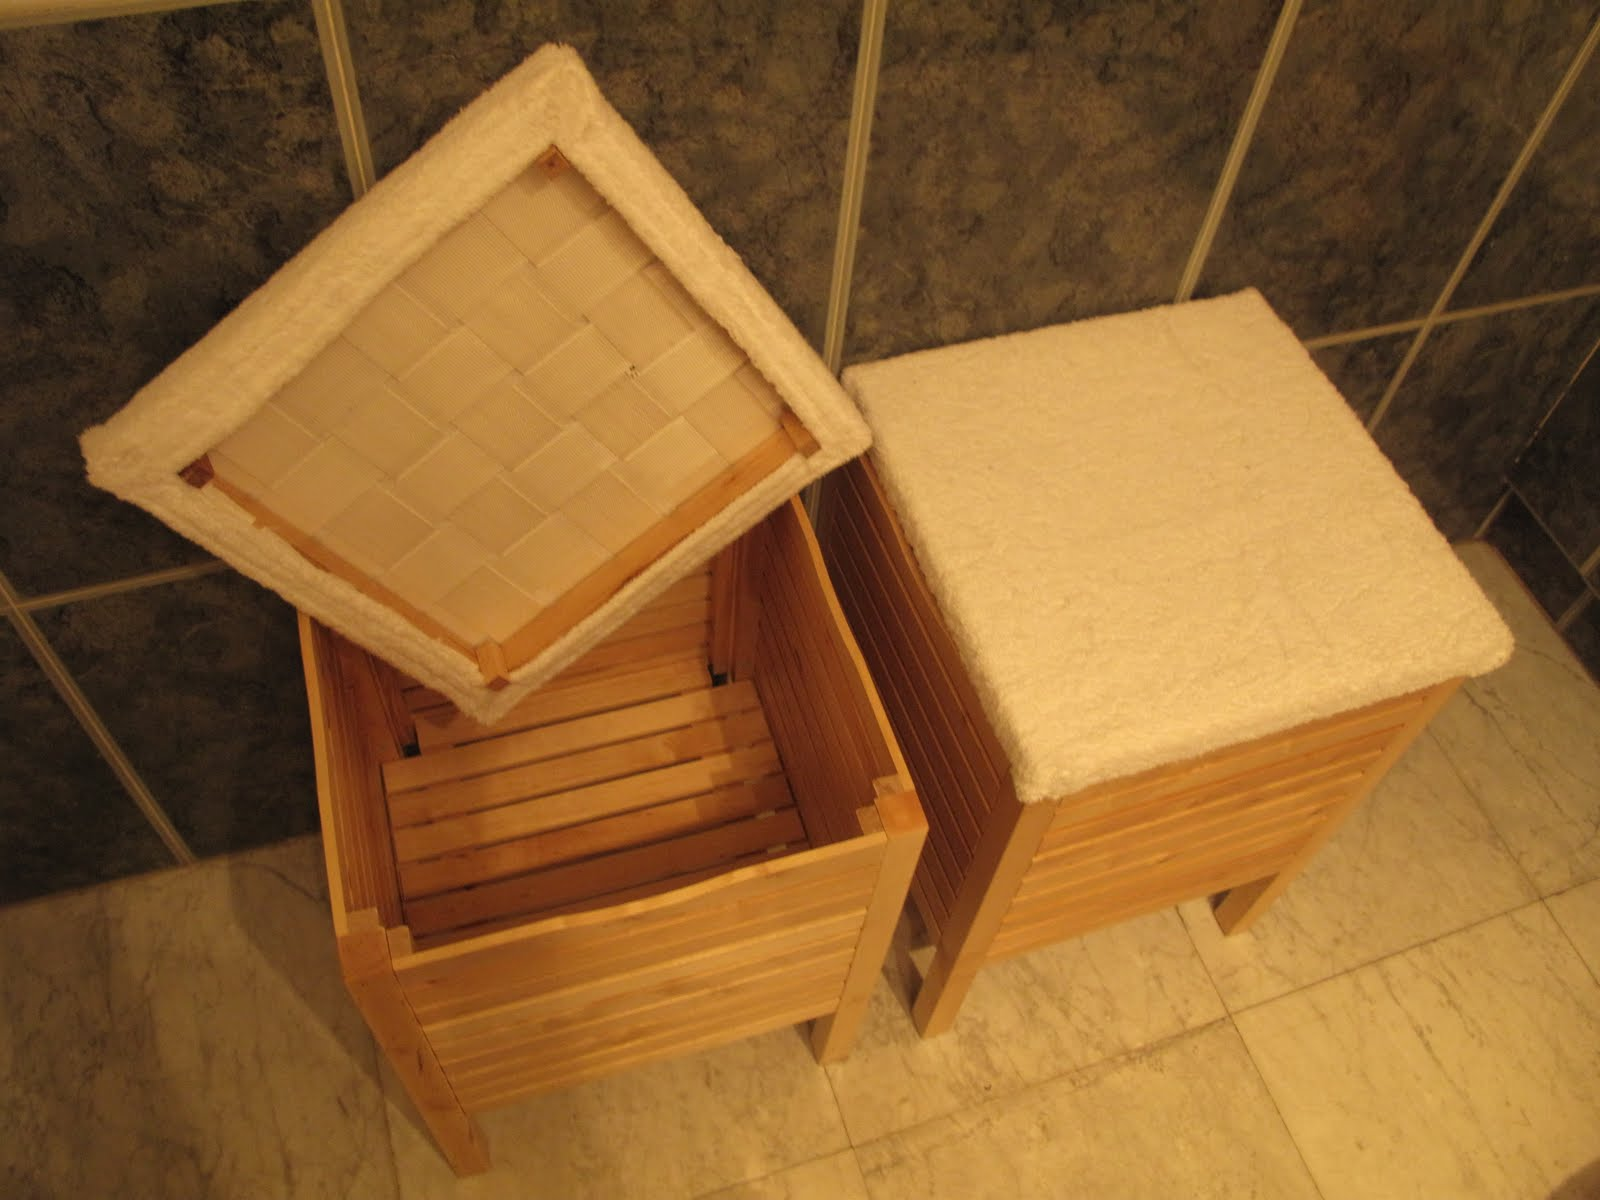 Venta de muebles en madrid cestas para la ropa sucia - Cesta ropa sucia ...